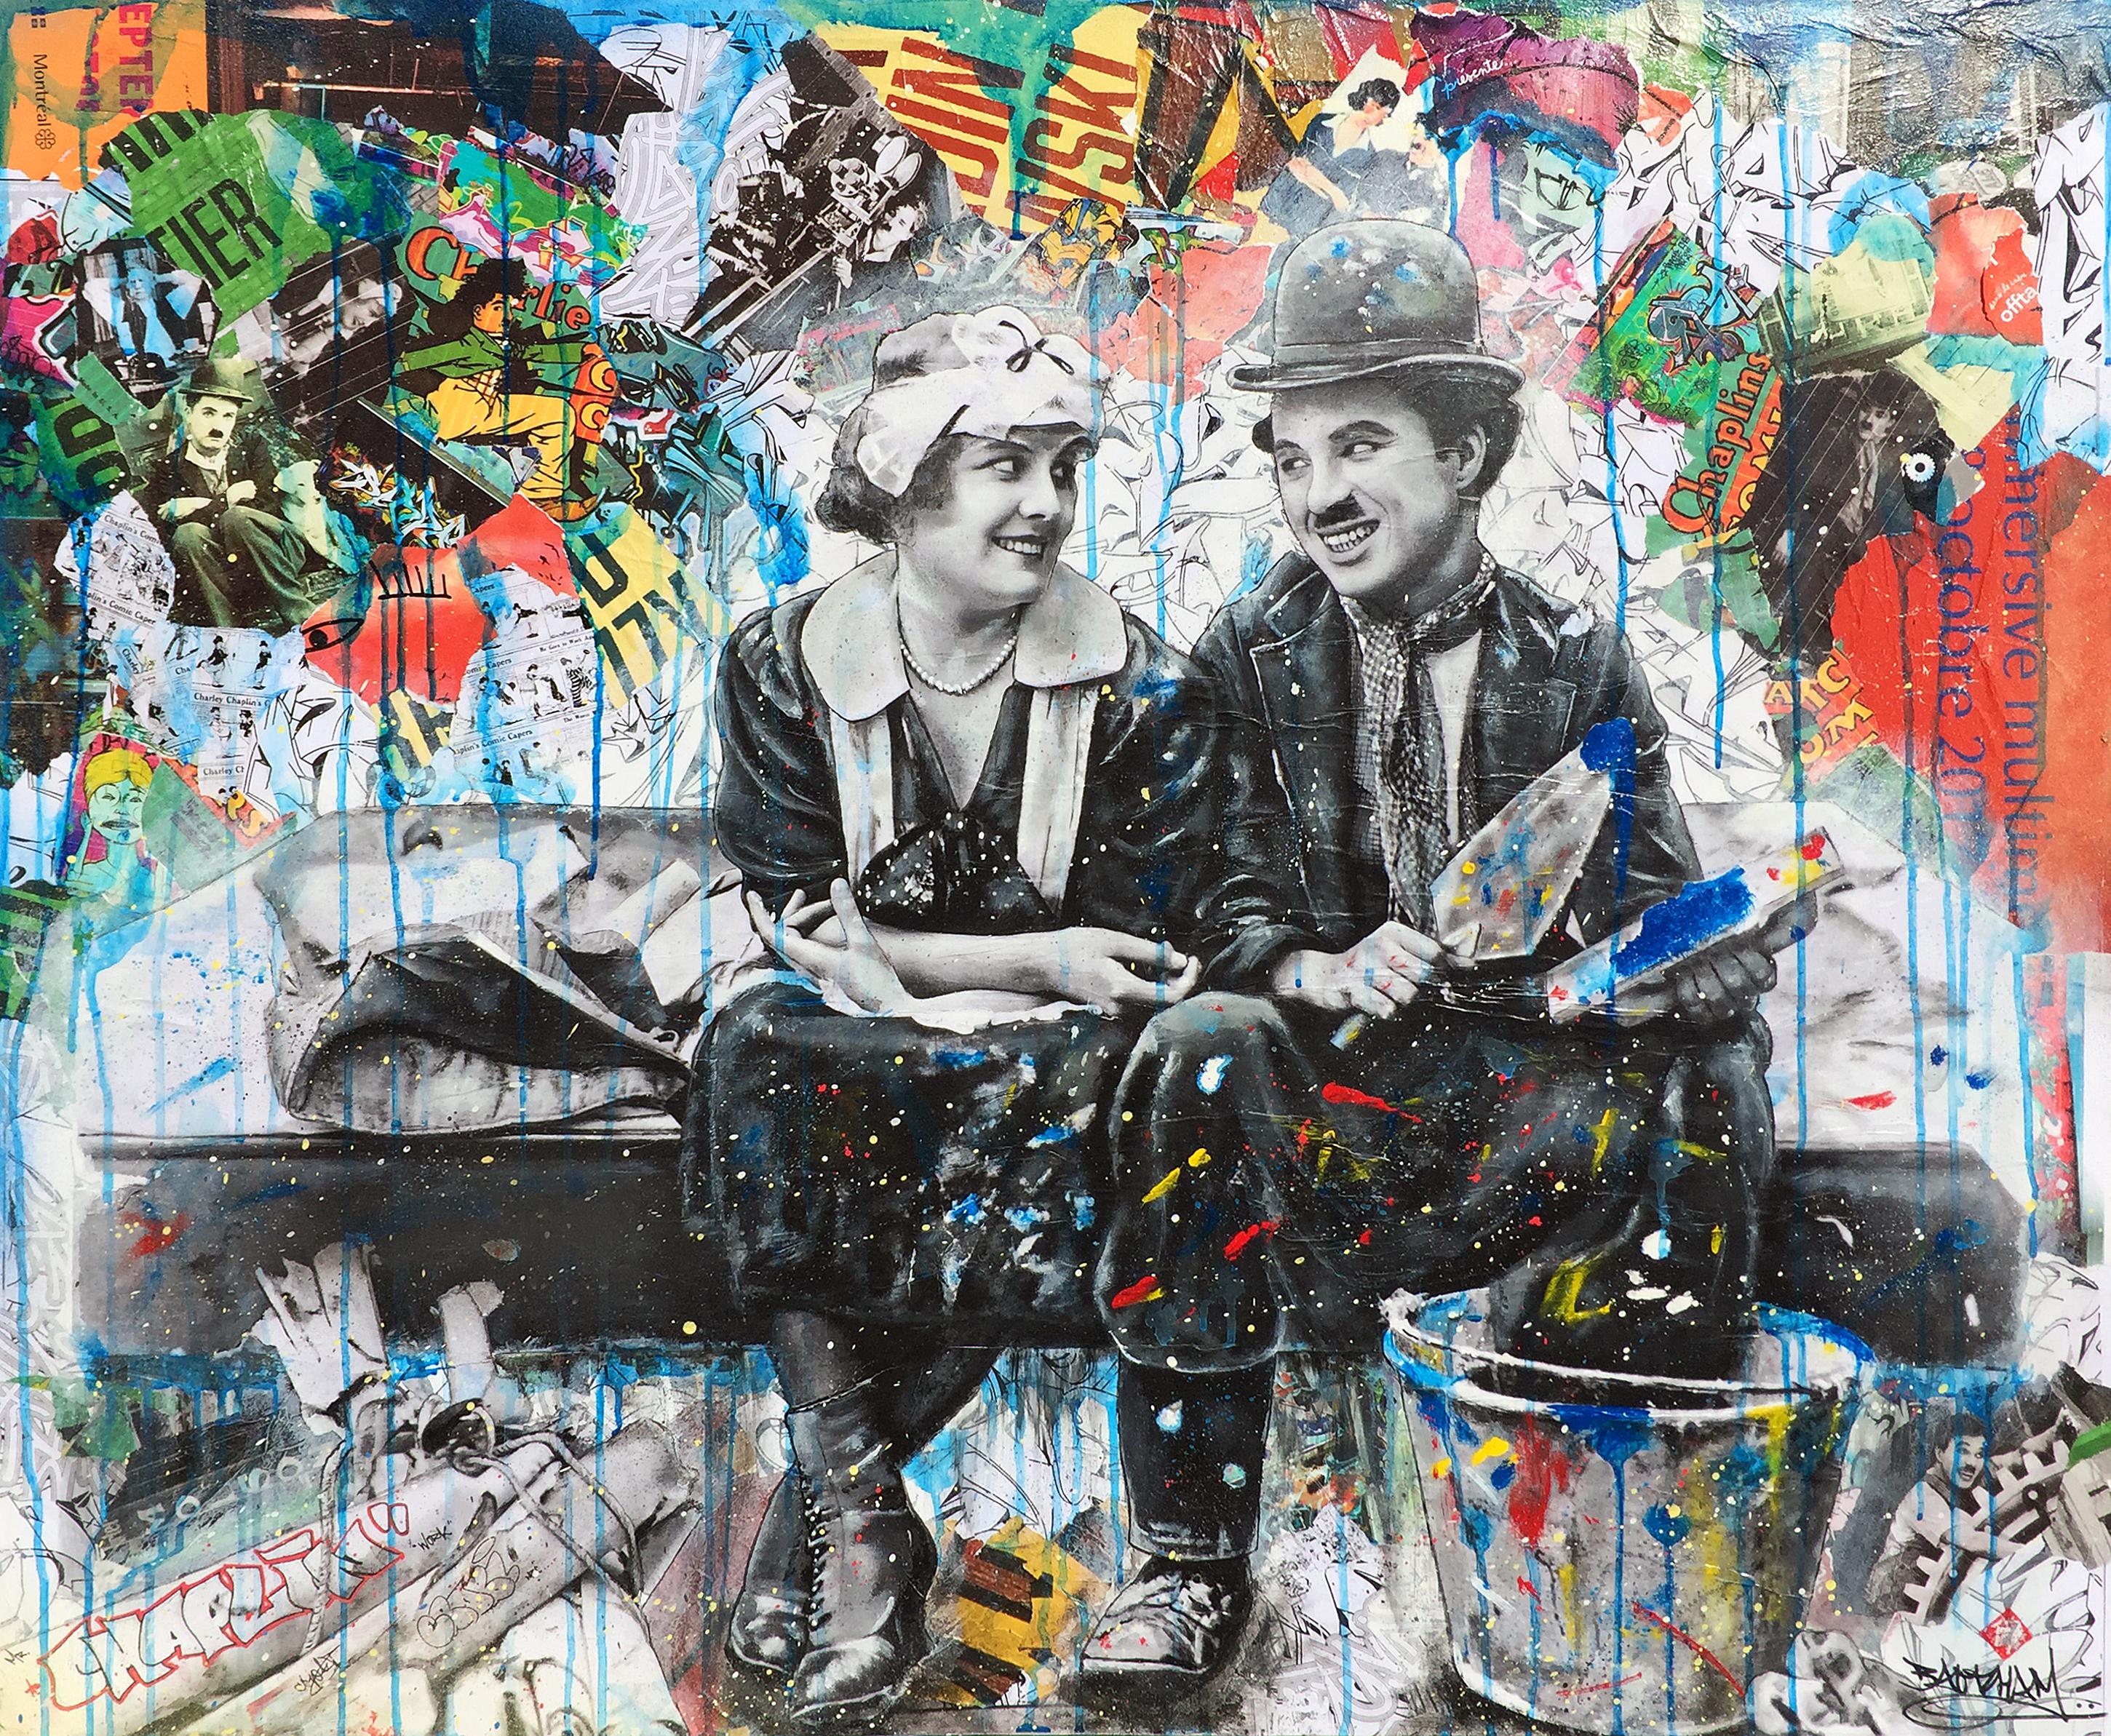 Chaplin-It's a love affair